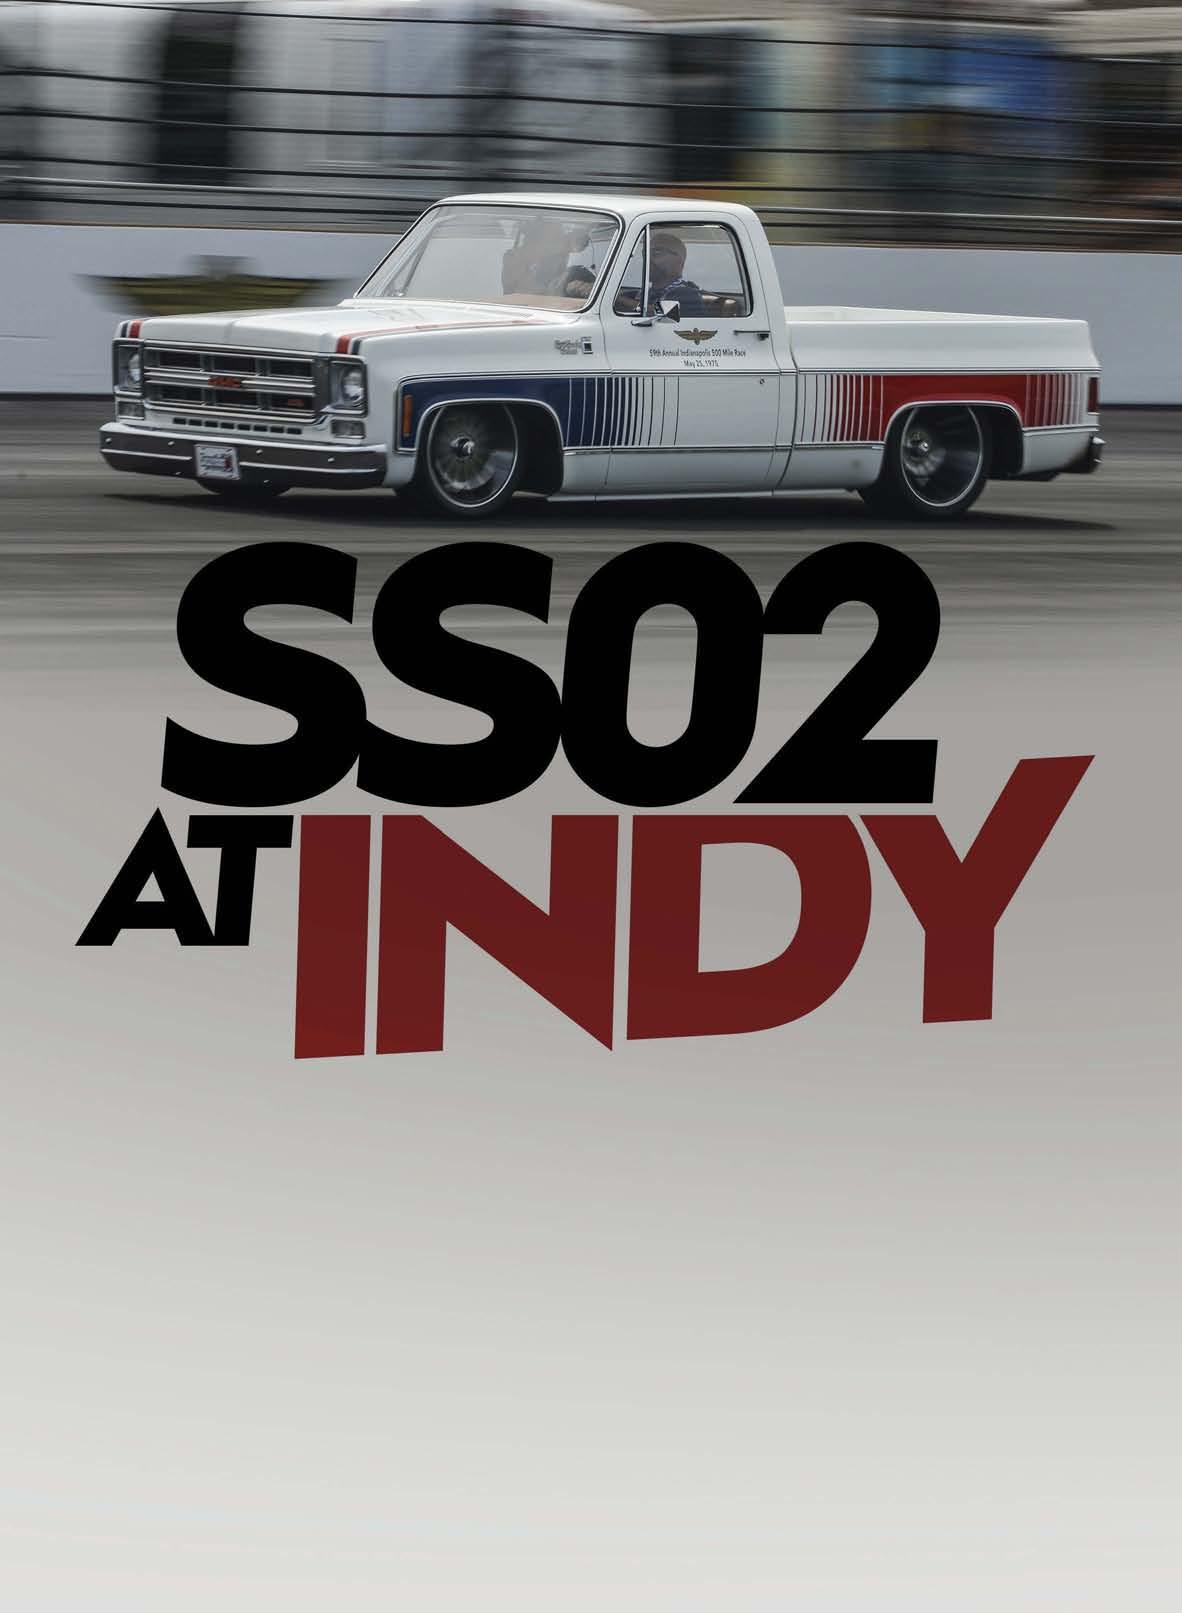 SS02 AT INDY